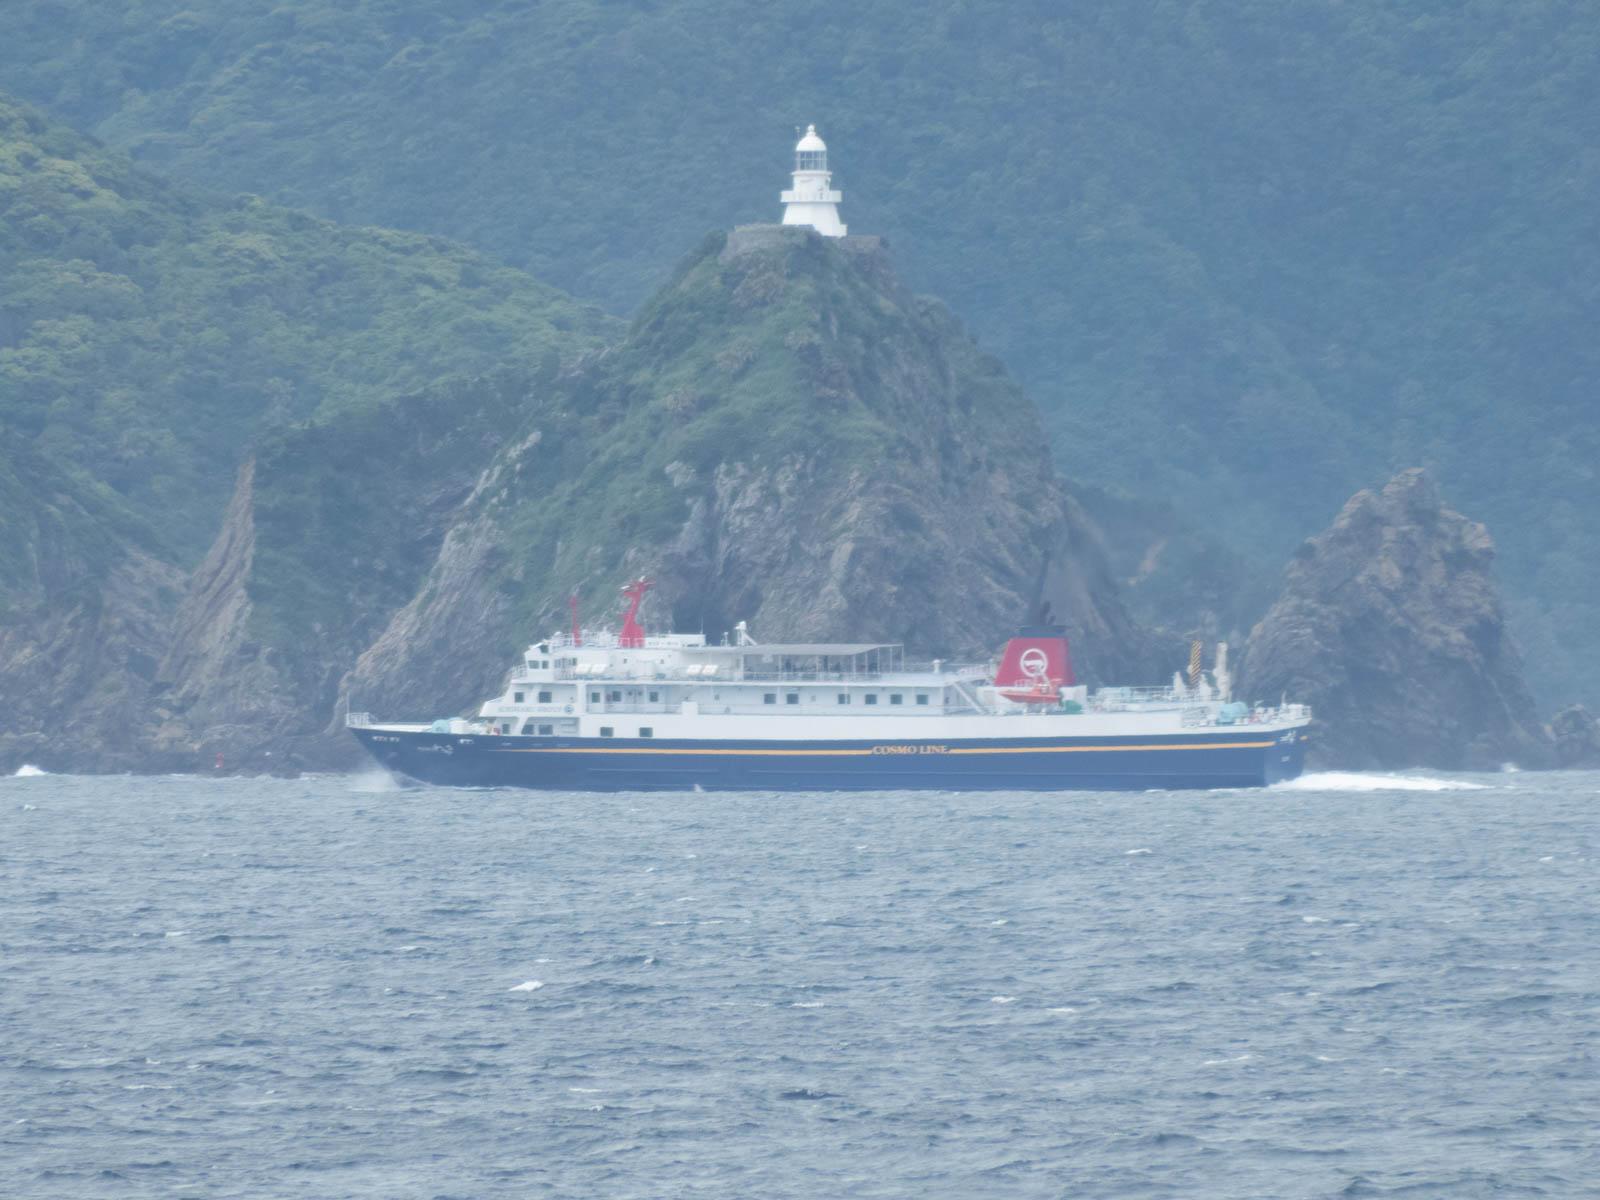 種子島航路の船がちょうど真ん前に来た